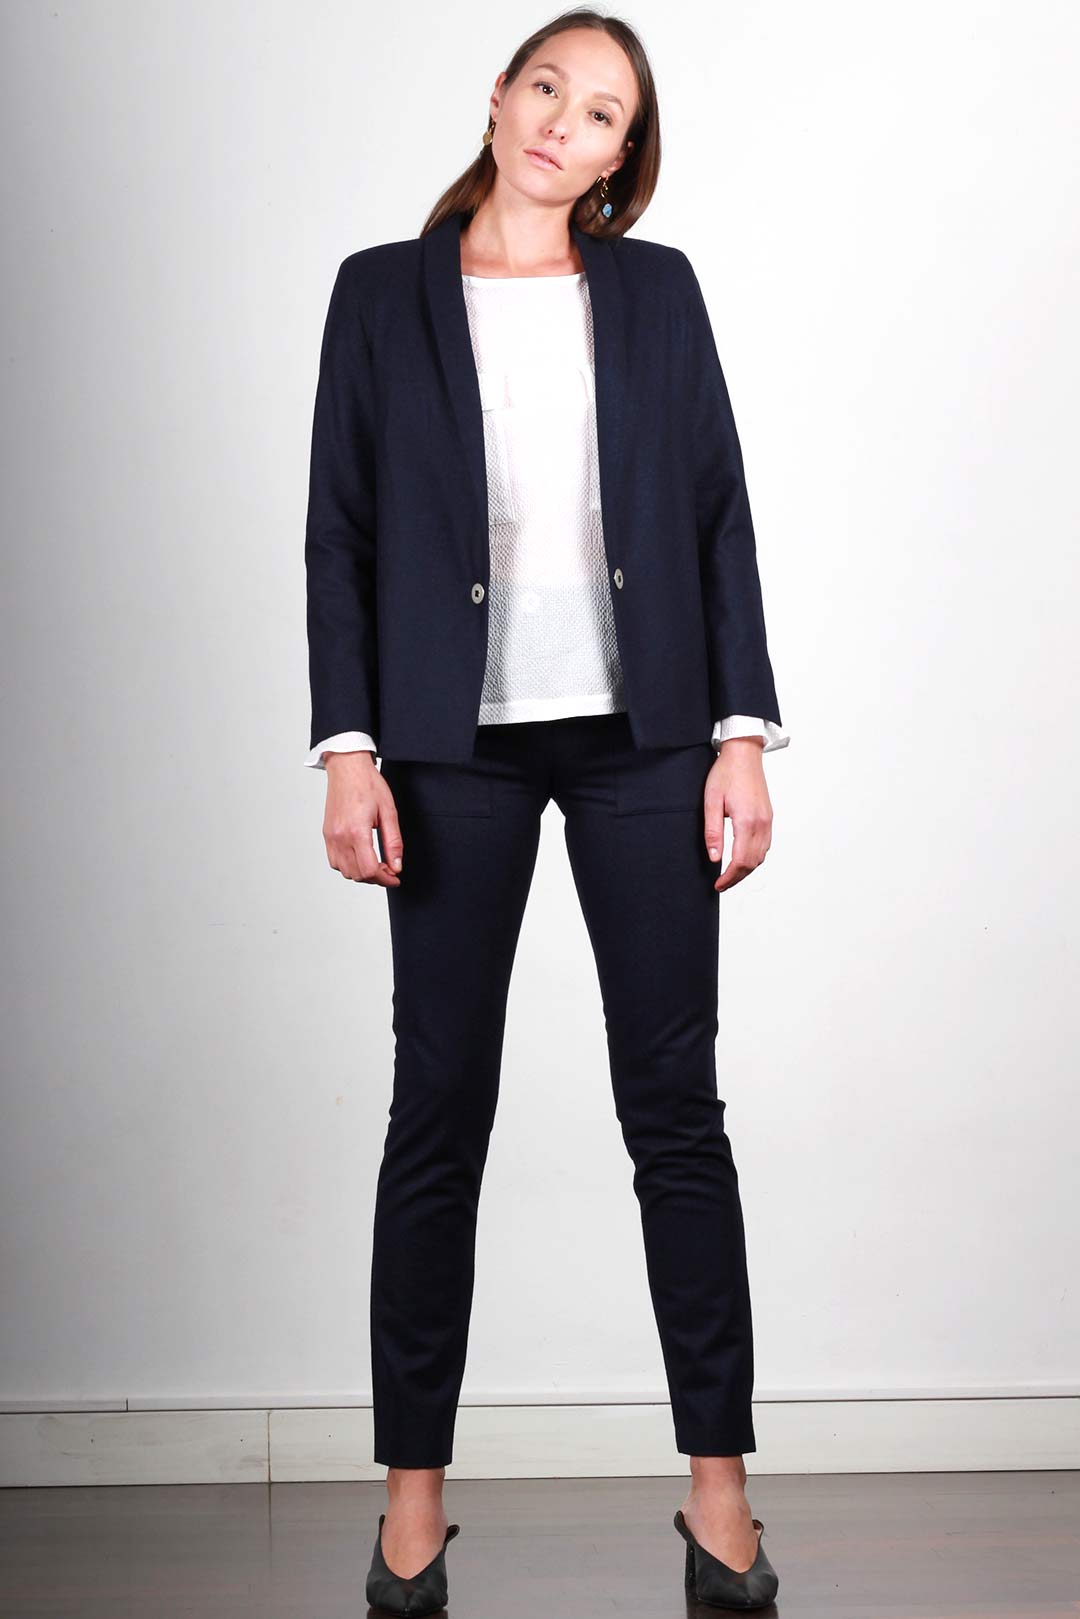 atode veste tailleur bleu marine femme en flanelle made in france. Black Bedroom Furniture Sets. Home Design Ideas